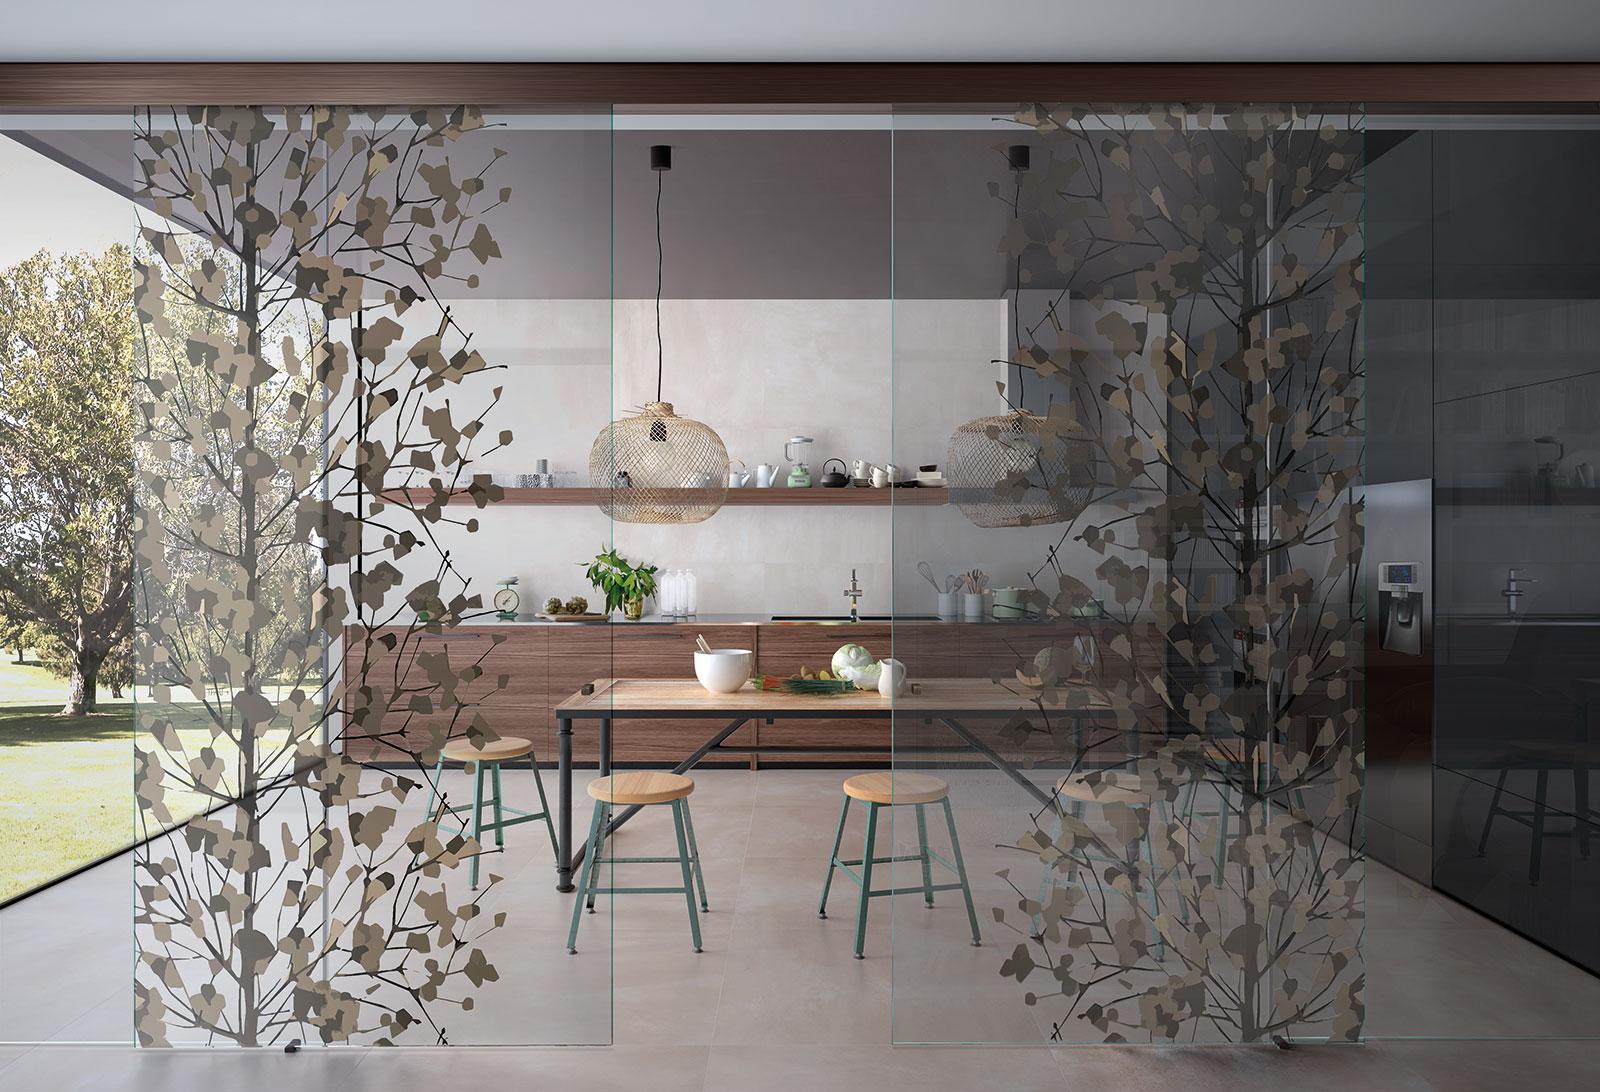 Porta Scorrevole Esterna Vetro porta scorrevole in vetro esterno muro | henry glass